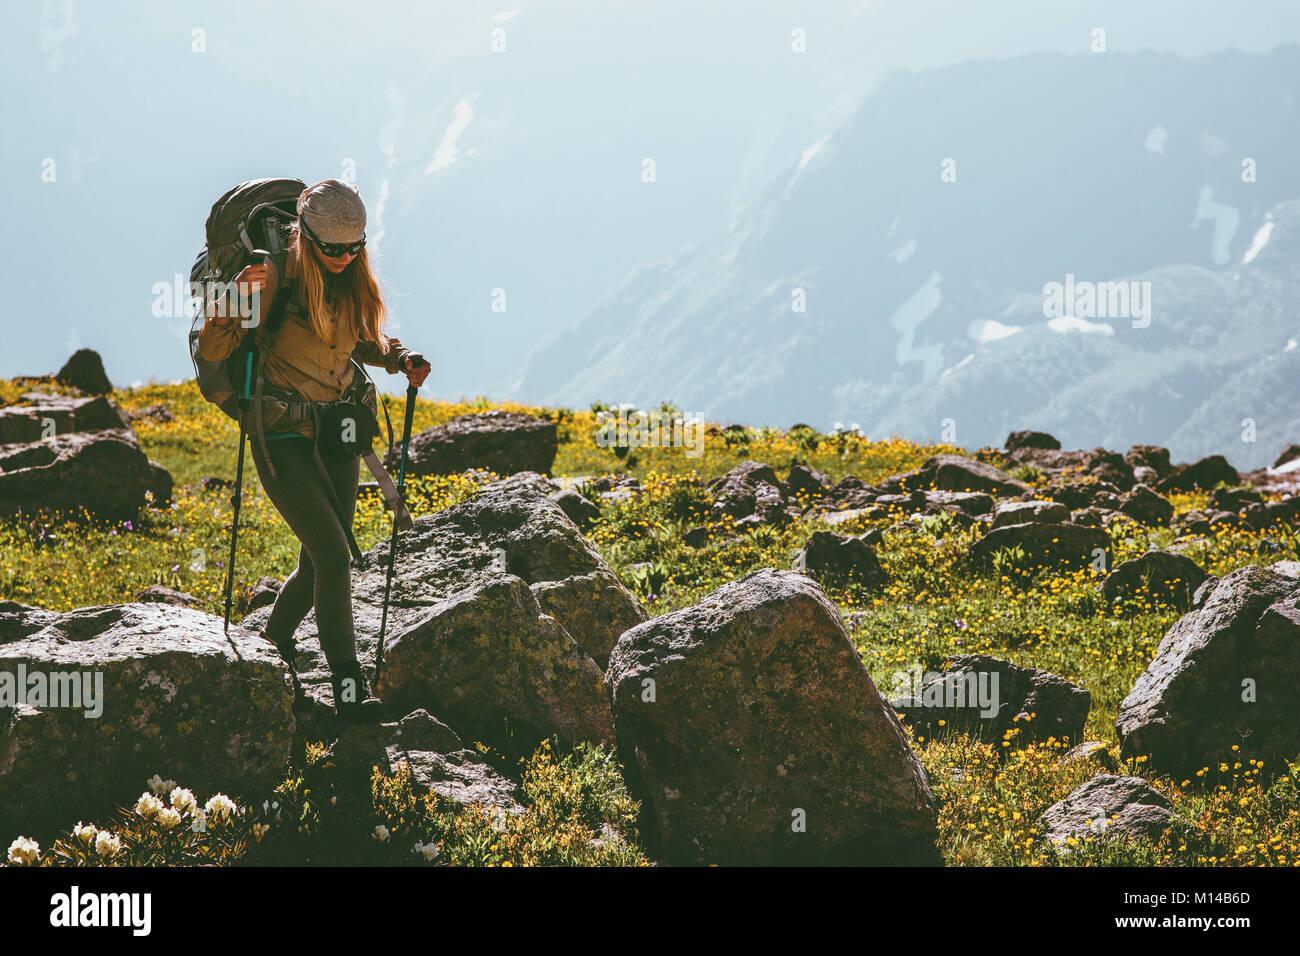 Vacanze attive in montagna donna escursionismo con zaino Viaggi avventura Lifestyle concept outdoor sport alpinismo Immagini Stock